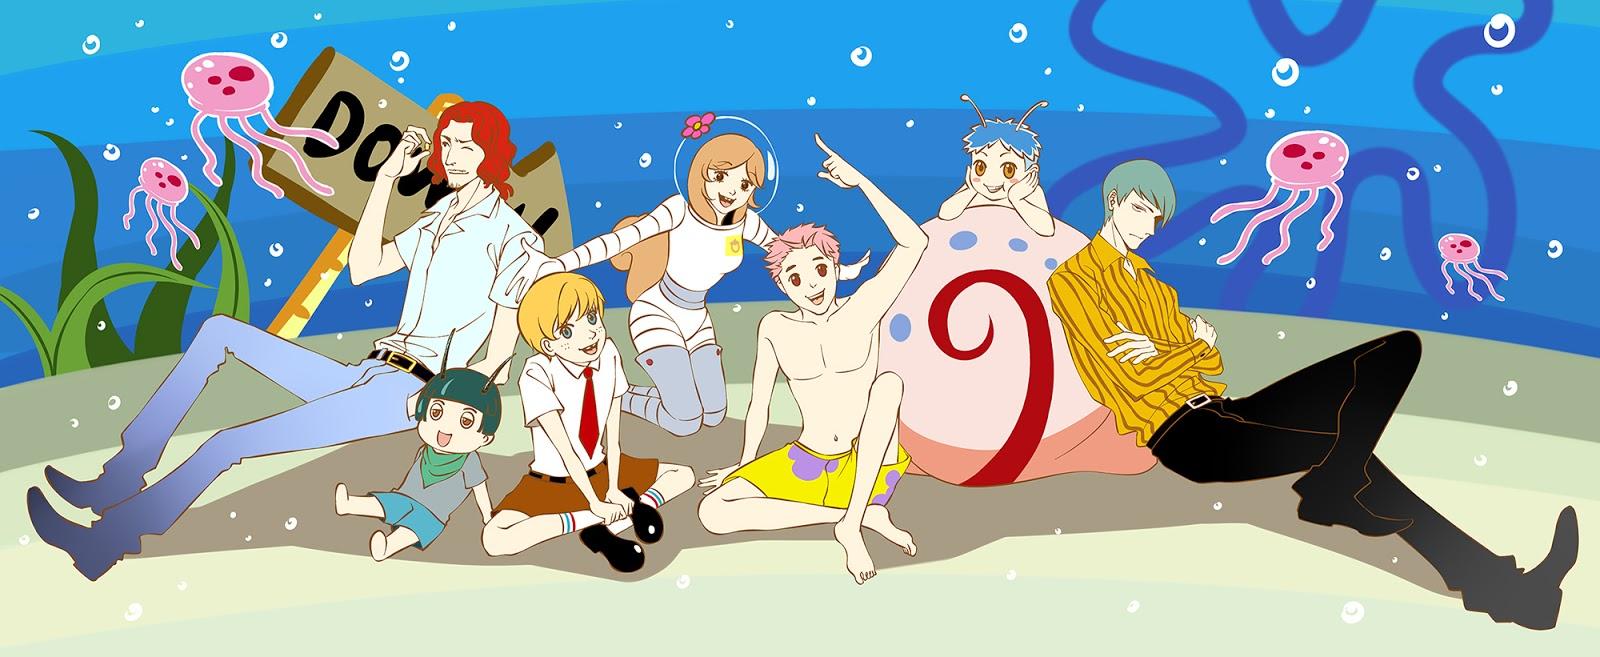 GAMEZONE: Spongebob squarepants characters